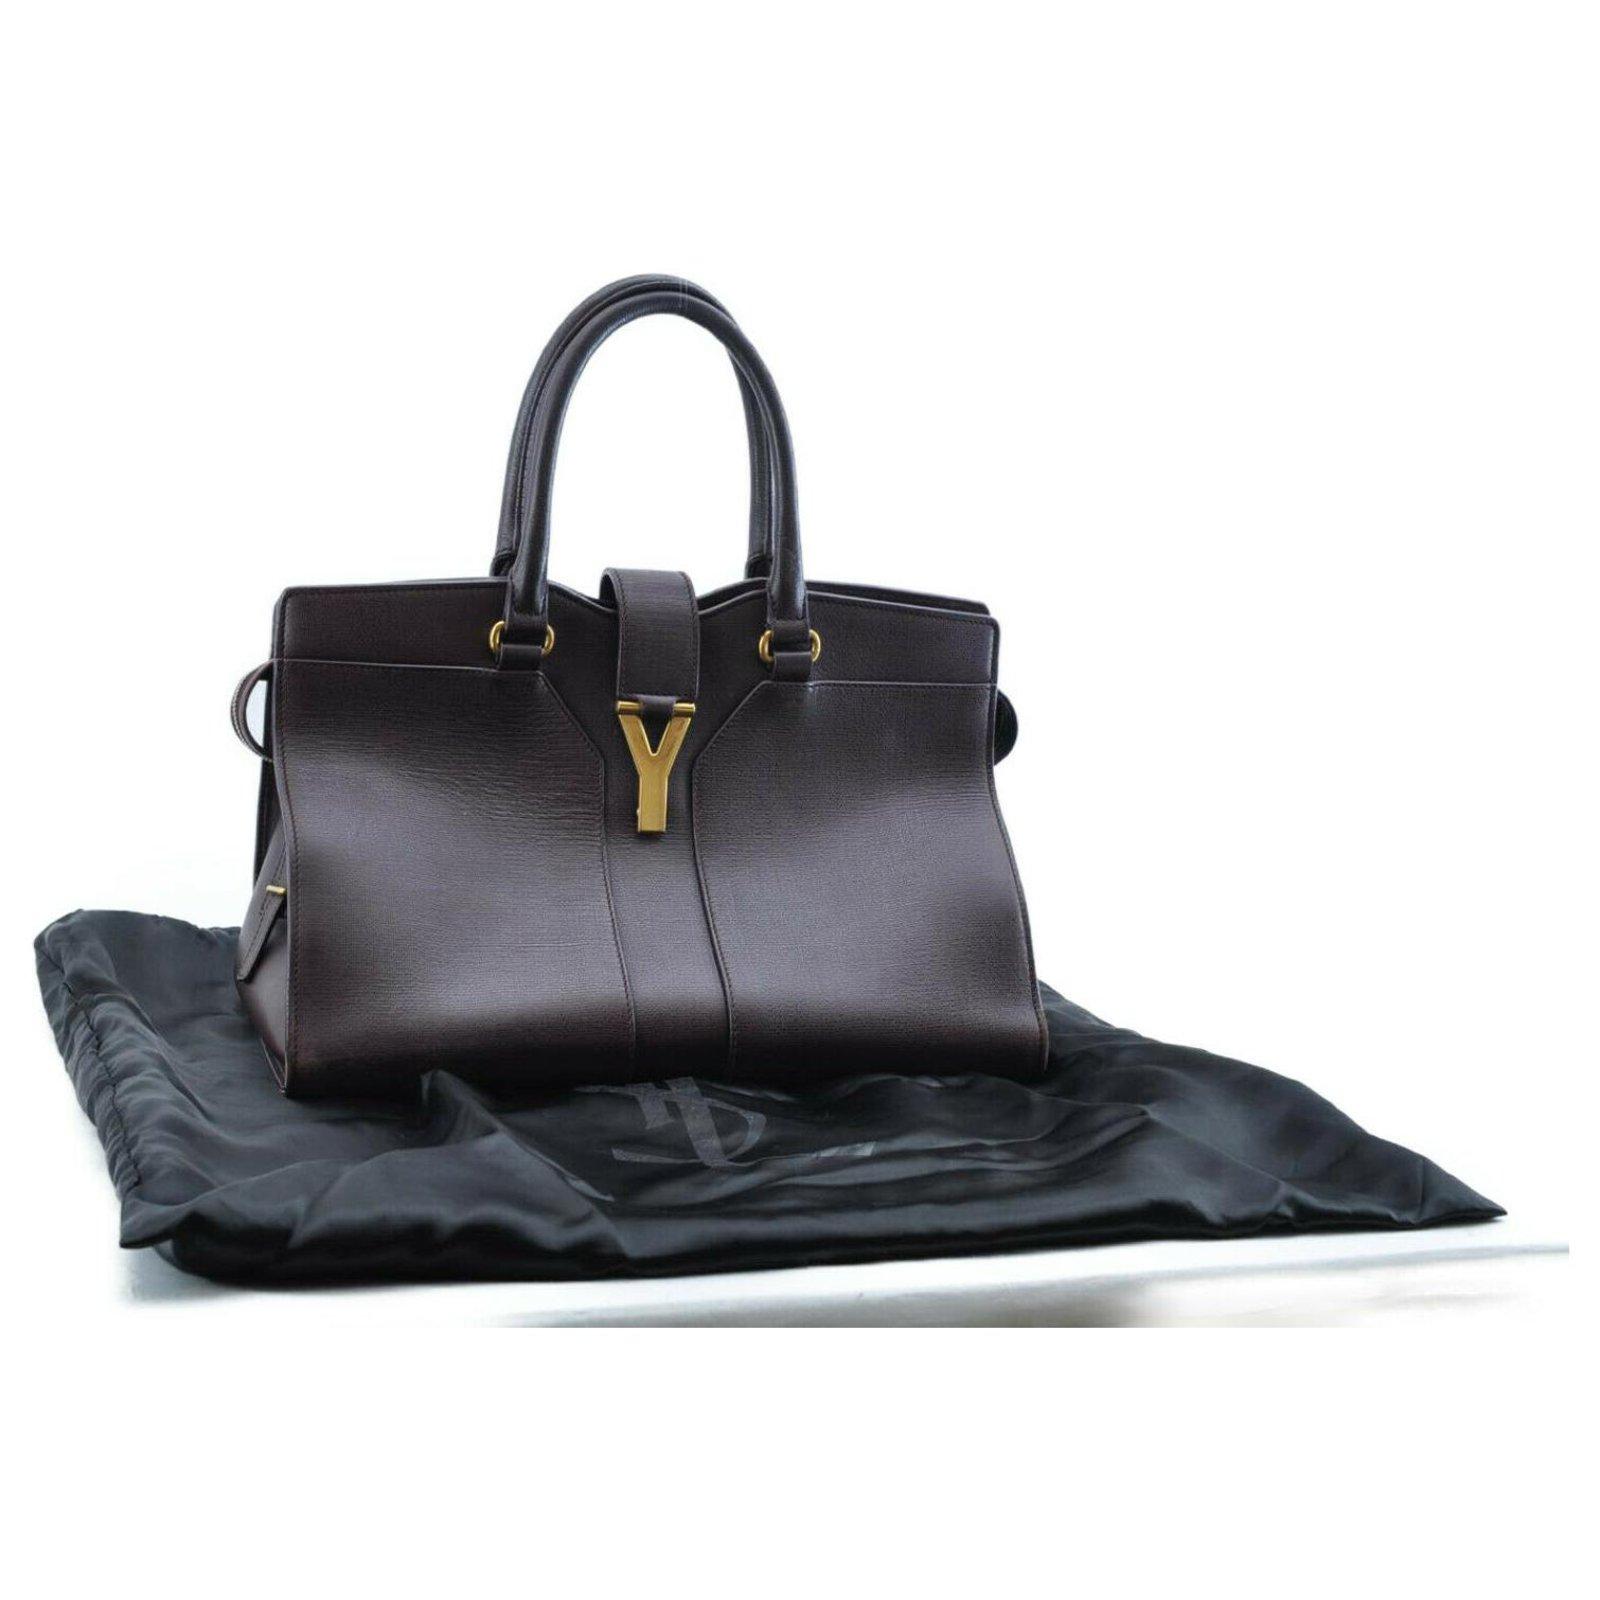 profiter du prix le plus bas Vente plus grand choix Sacs à main Yves Saint Laurent Yves Saint Laurent Sac à main ...